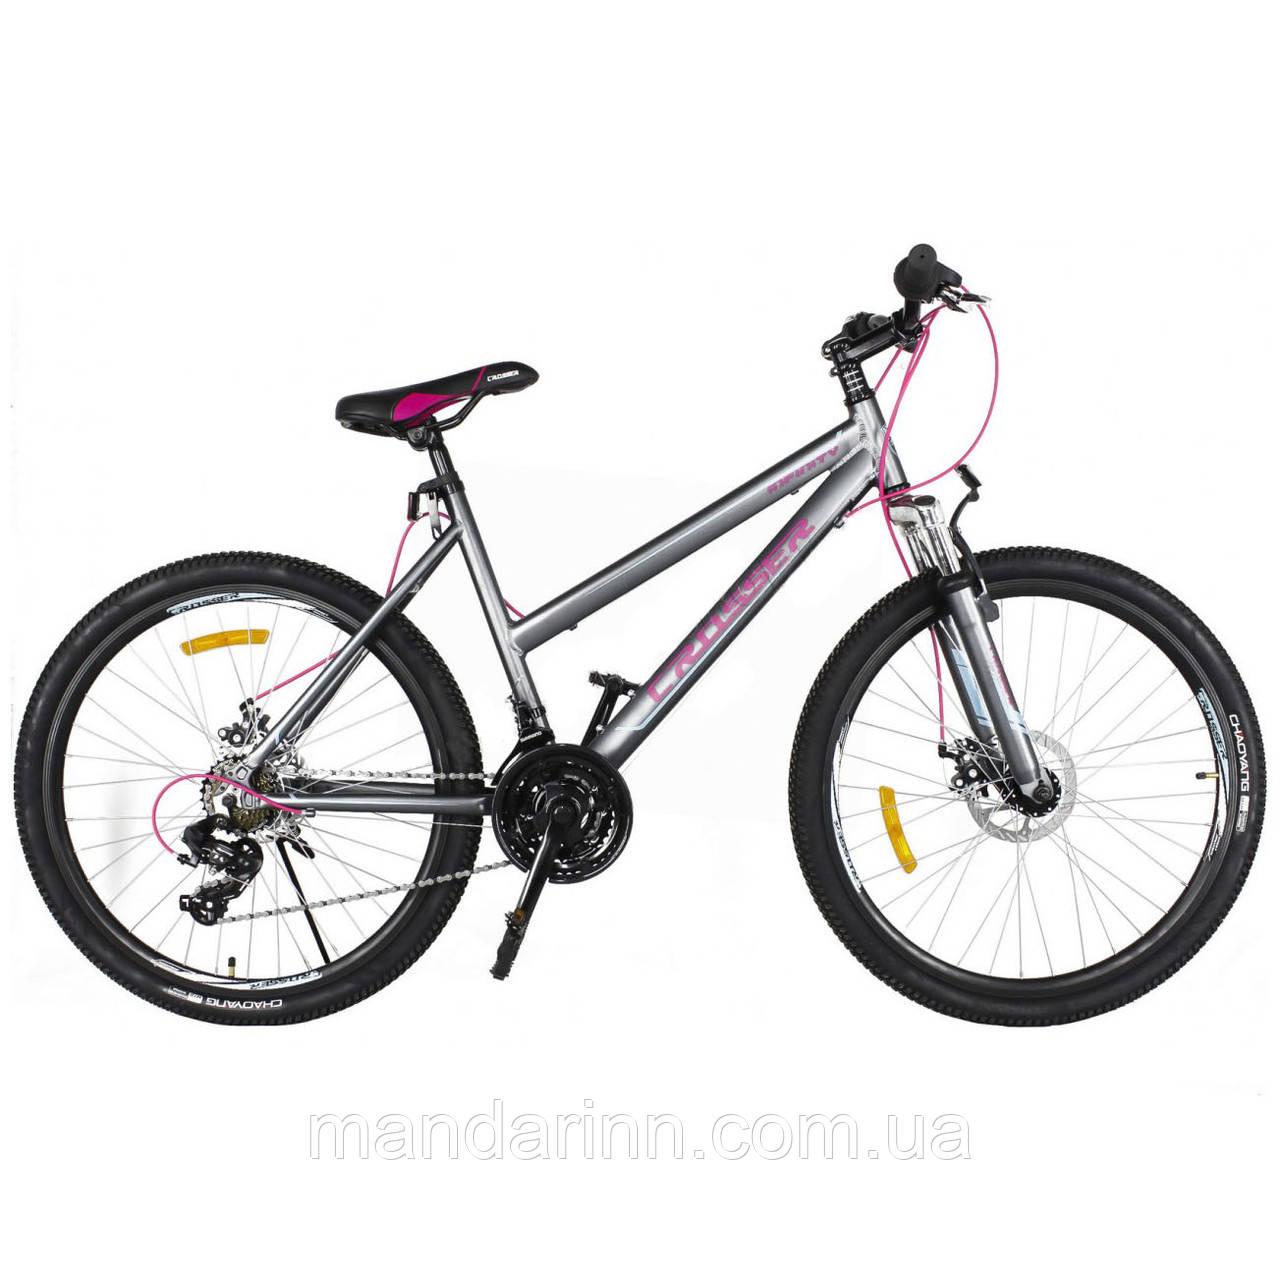 Гірський алюмінієвий велосипед Crosser Infinity 24 дюйма. Сірий